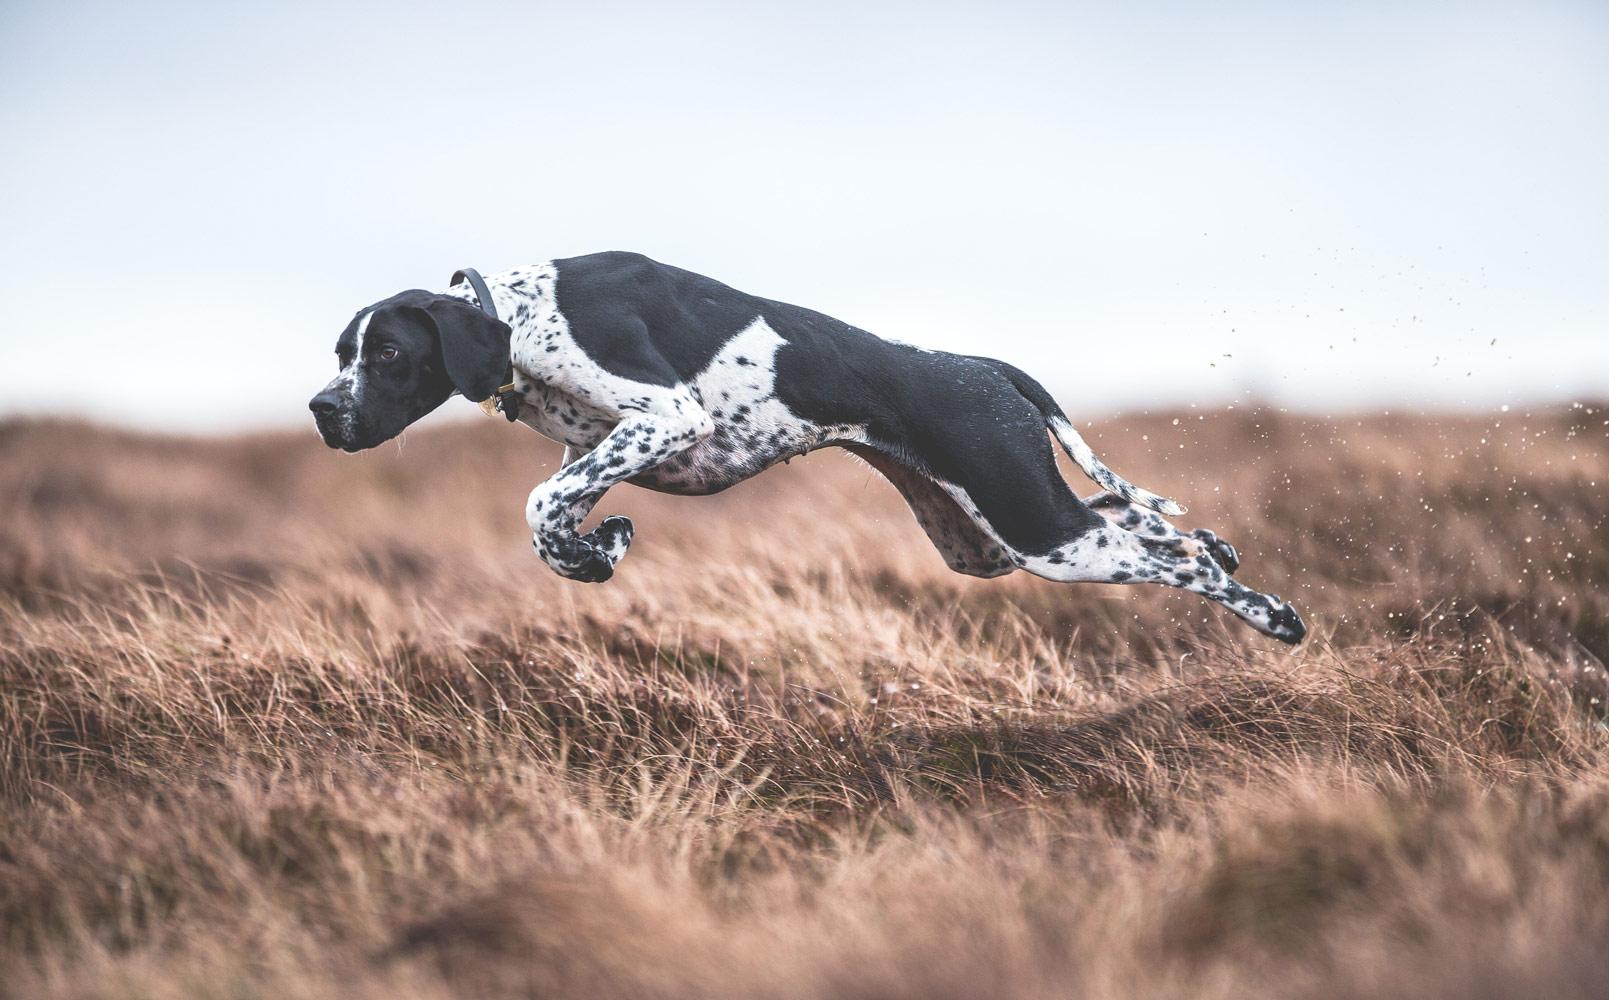 Сара Кальдекотт, Великобритания / Sarah Caldecott, UK, Победитель в категории «Собаки в работе», Фотоконкурс Dog Photographer of the Year